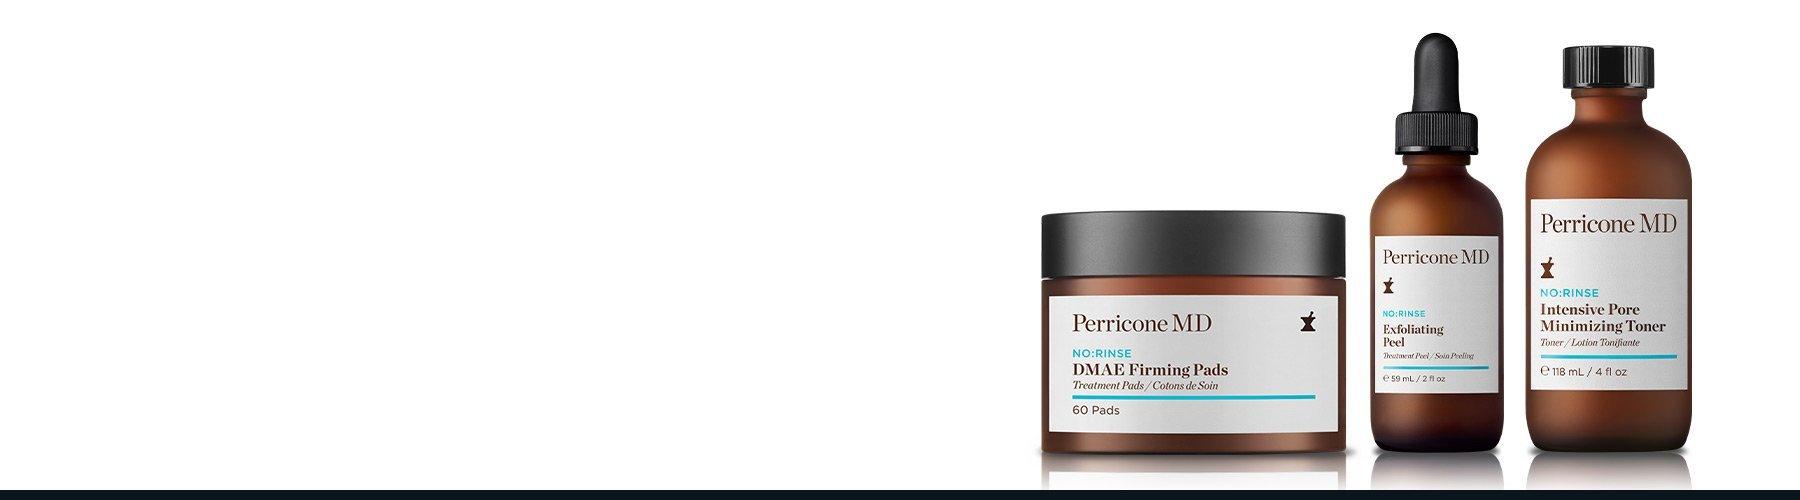 Gesichtspeelings und Toner helfen, Schäden durch freie Radikale zu verhindern und die Haut zu straffen. Unsere säurefreien Peelings tragen zur Wiederherstellung der Hautoberfläche bei, ohne Rötungen und Irritationen zu verursachen. Unsere Toner helfen der Haut, ihr natürliches ph-Gleichgewicht wiederherzustellen.